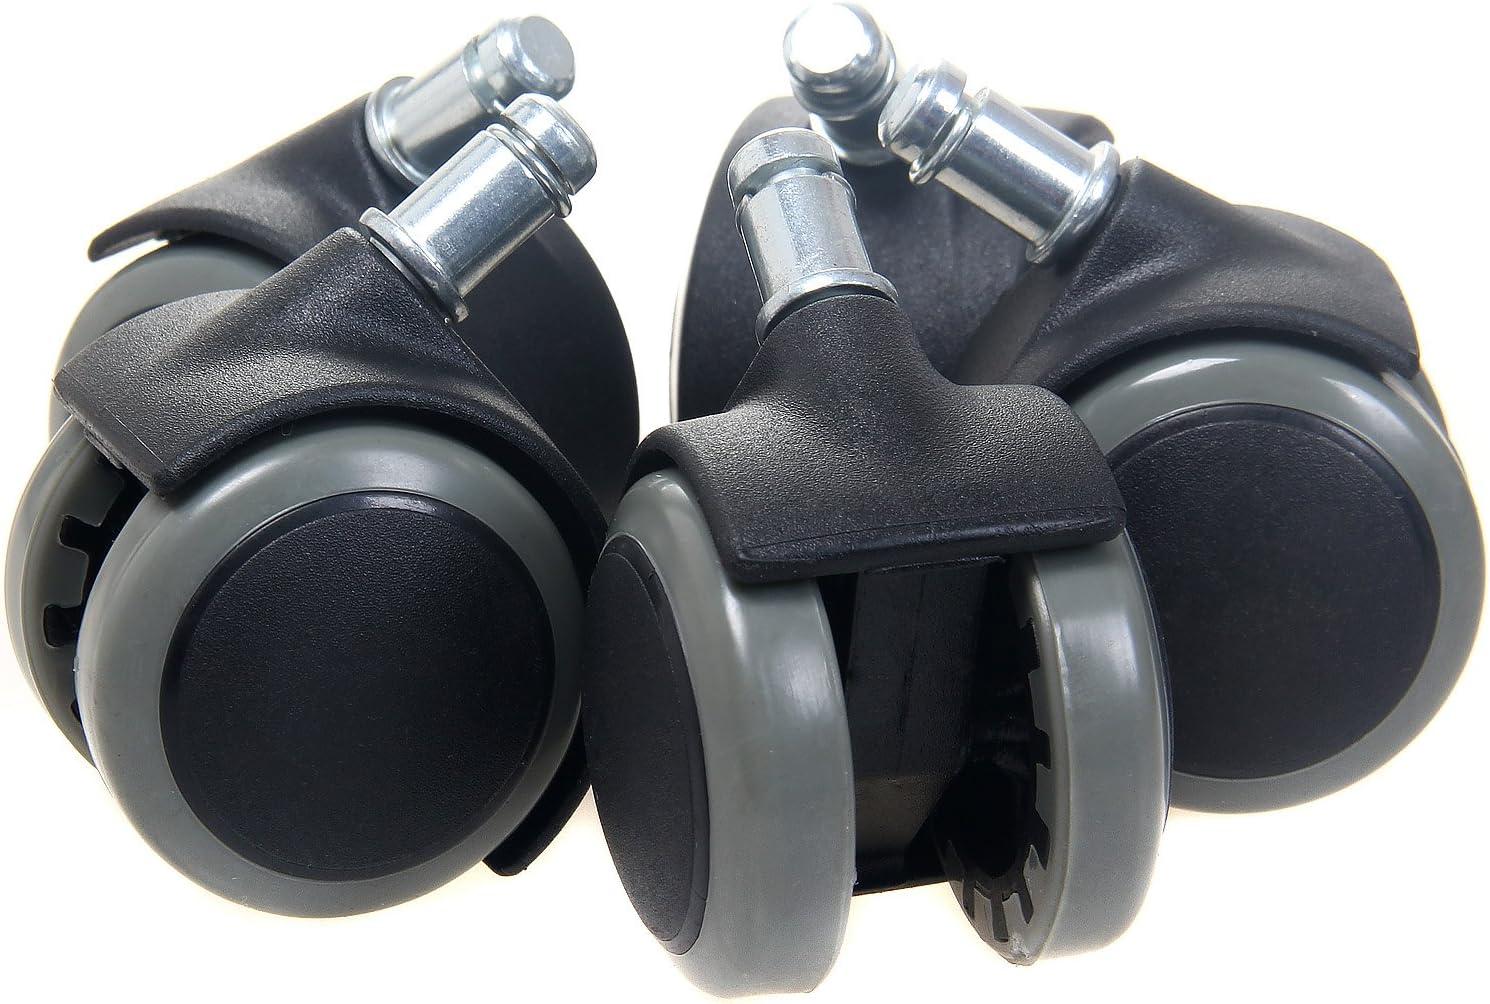 TUKA 5X Harbodenrollen, 11 mm, Juego Universal de Ruedas para Suelos Duros, 5 Piezas, Ruedas para sillas de Oficina, Giratoria para Sillas de Oficina Piezas de Recambio. Gris, TKD-3200 Grey